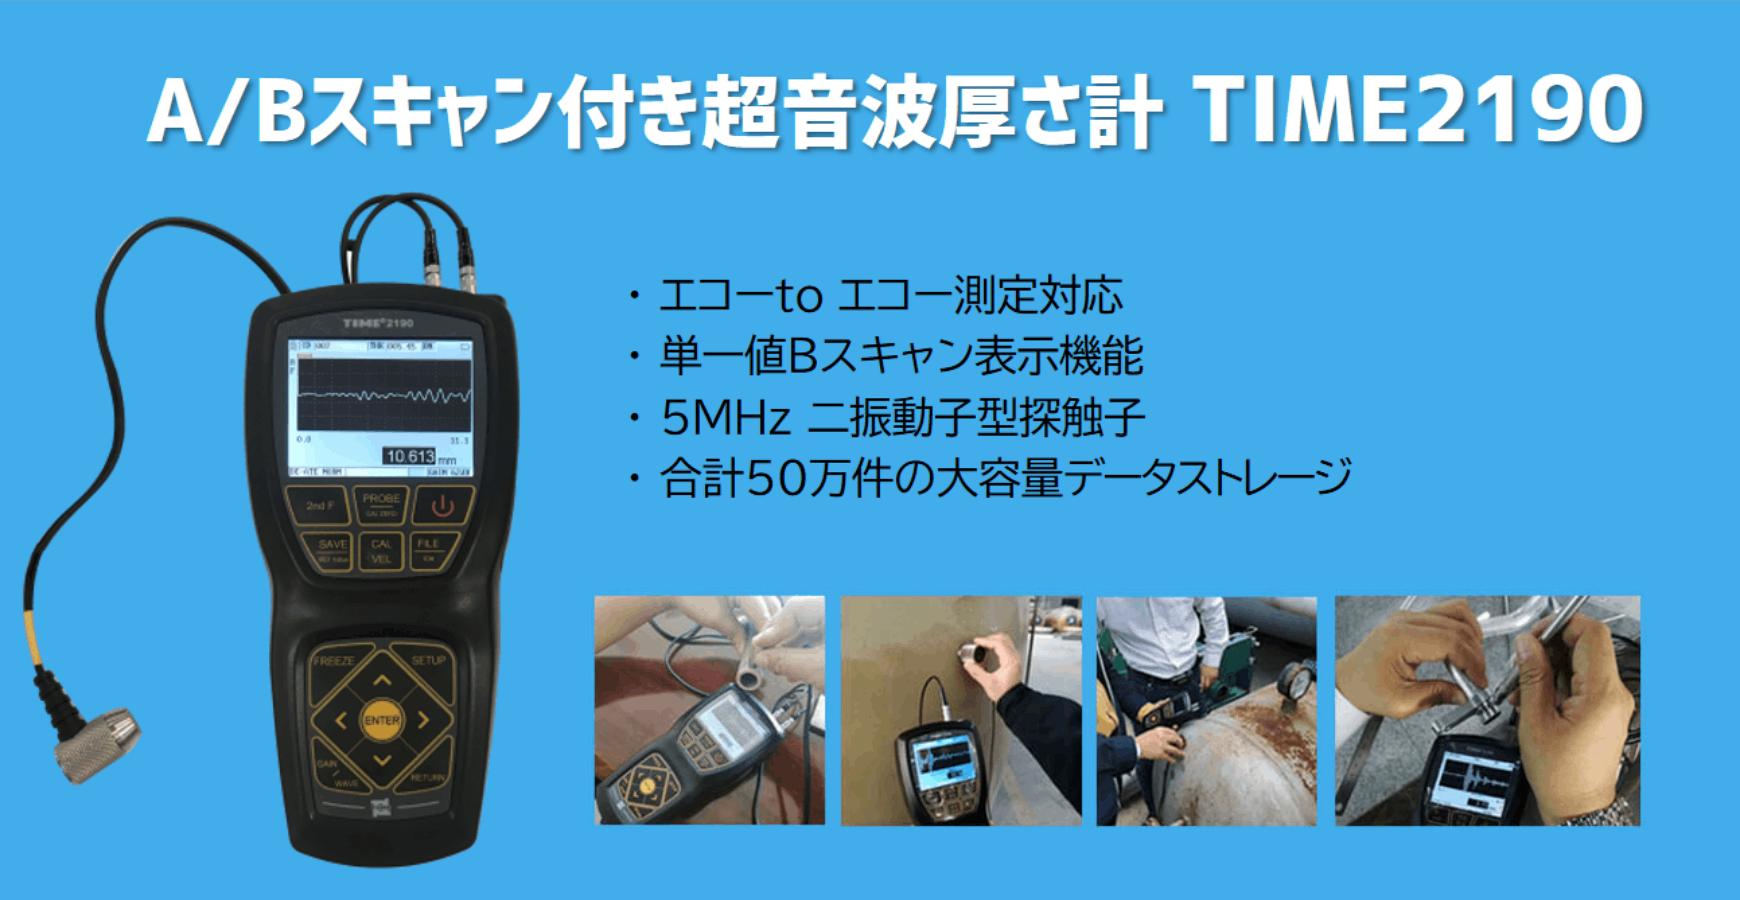 超音波厚さ計TIME2190